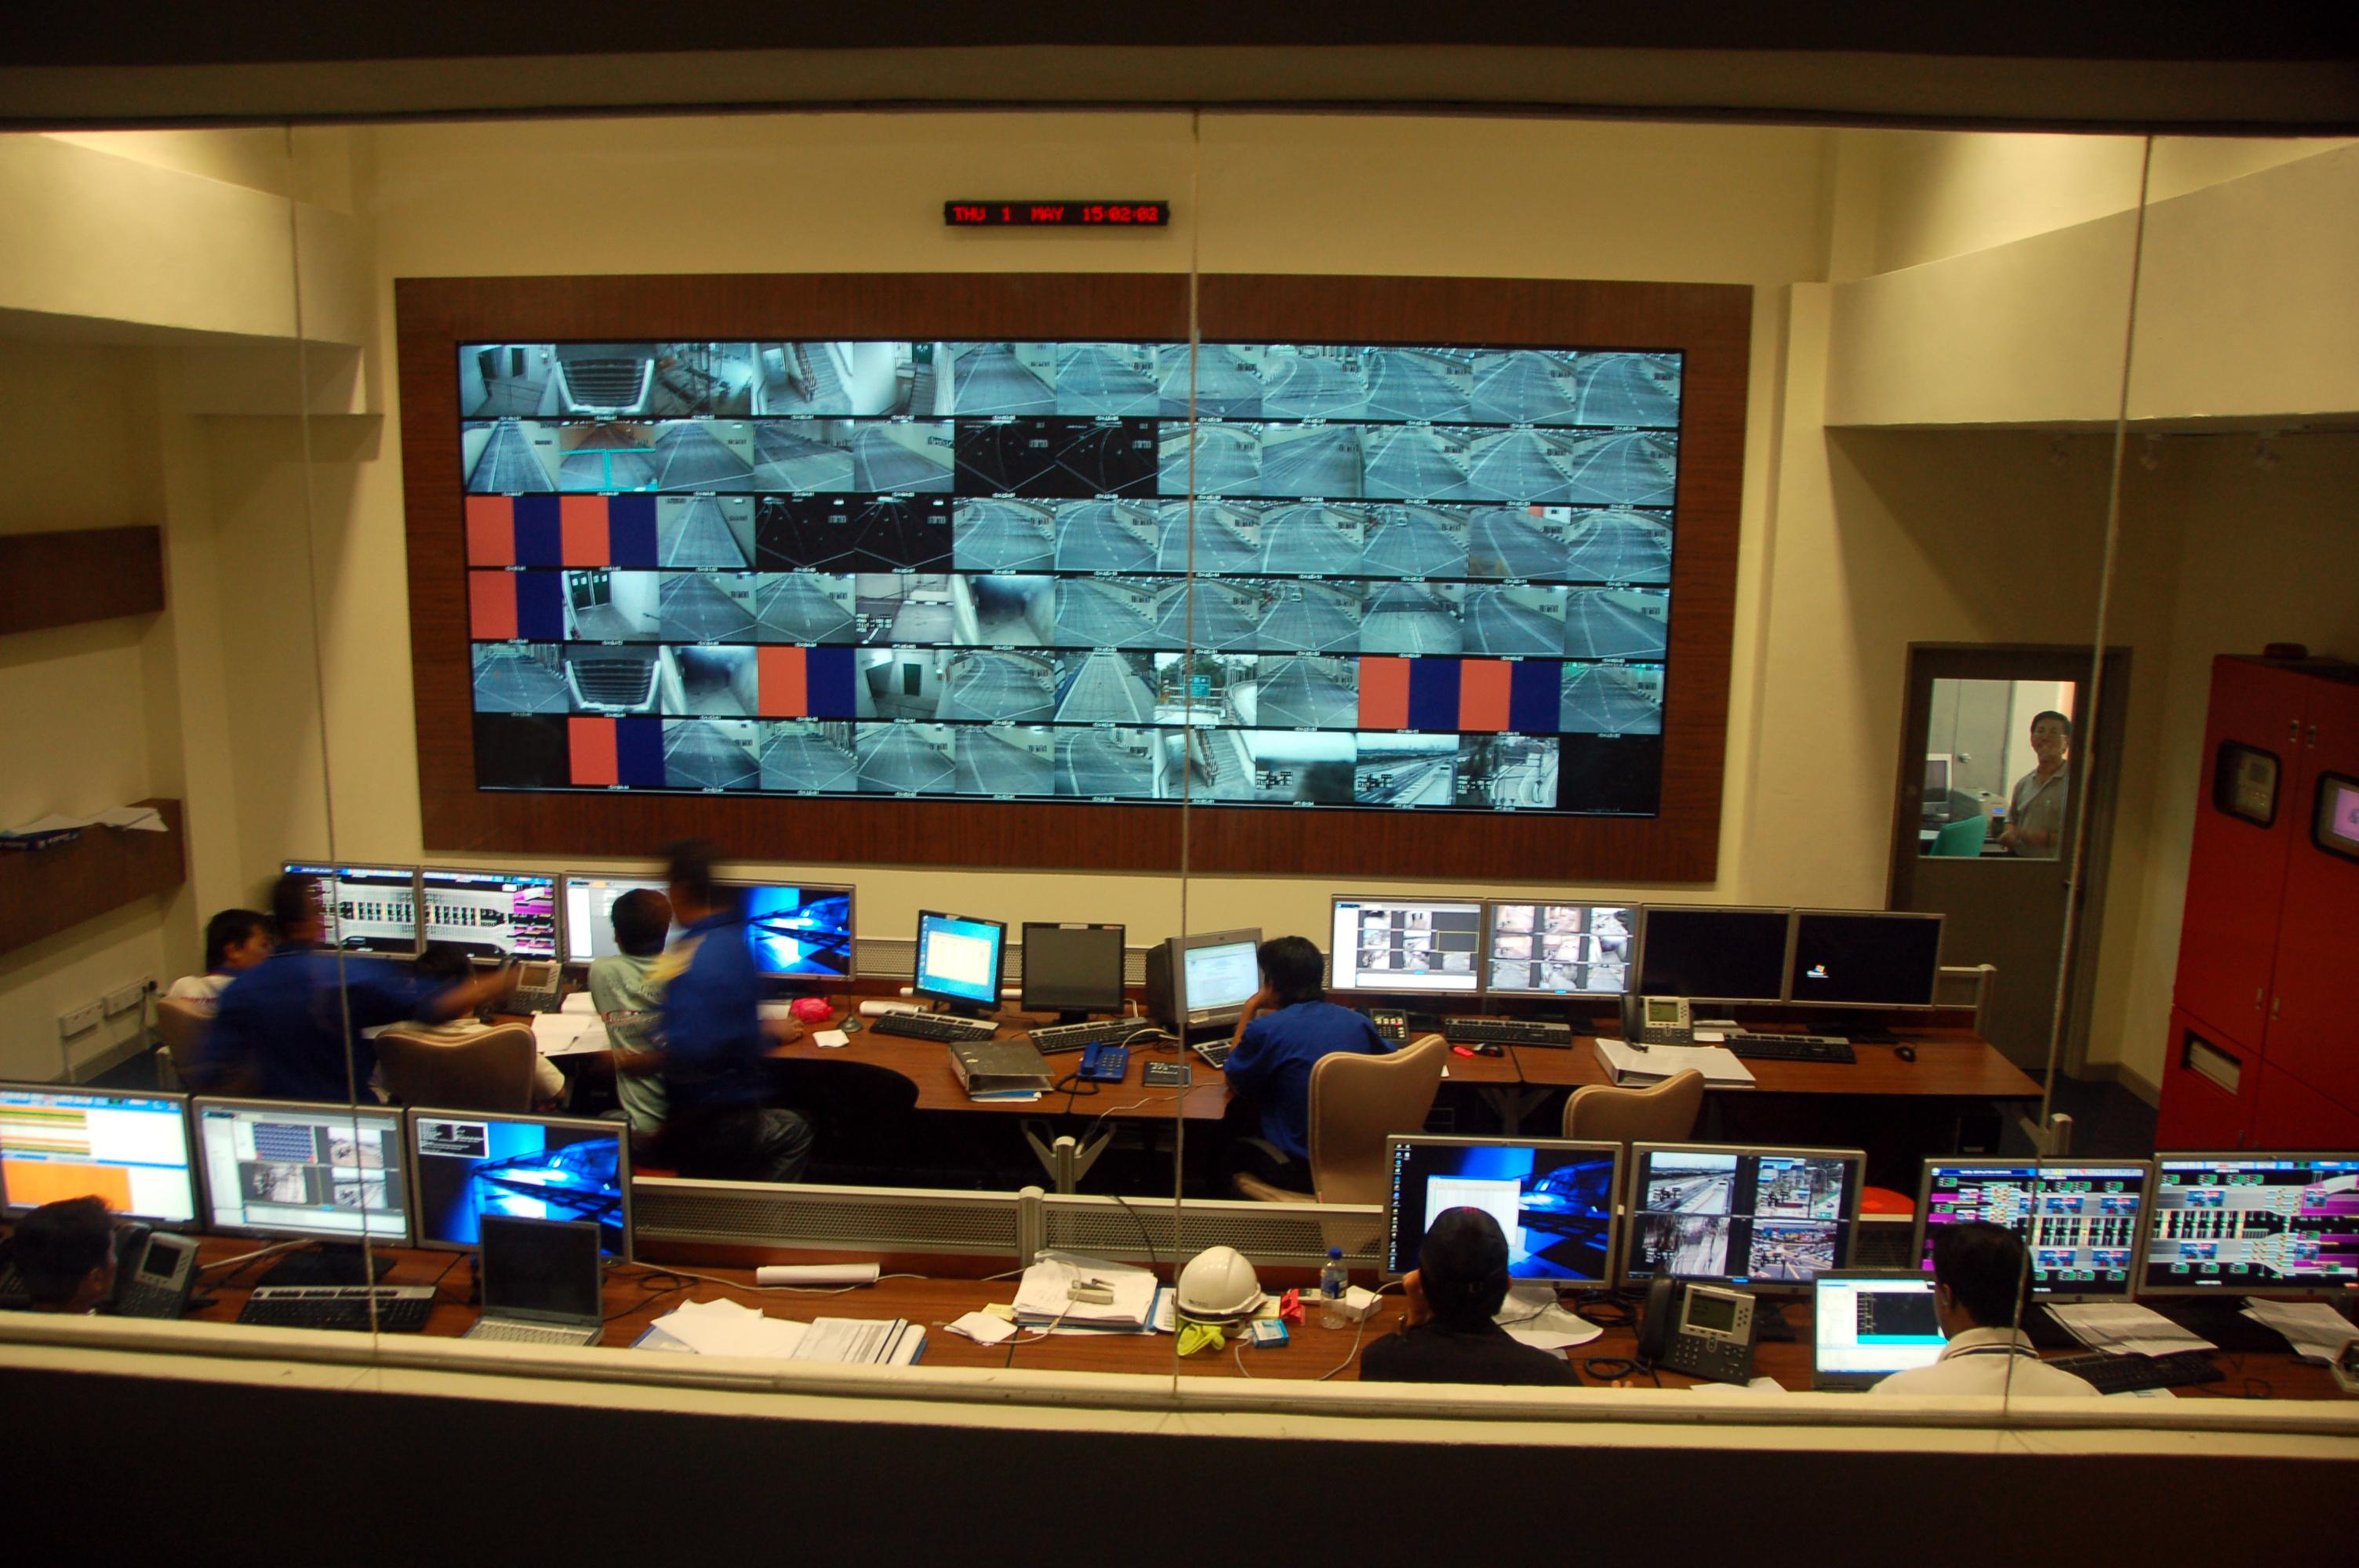 Command & Control Centre